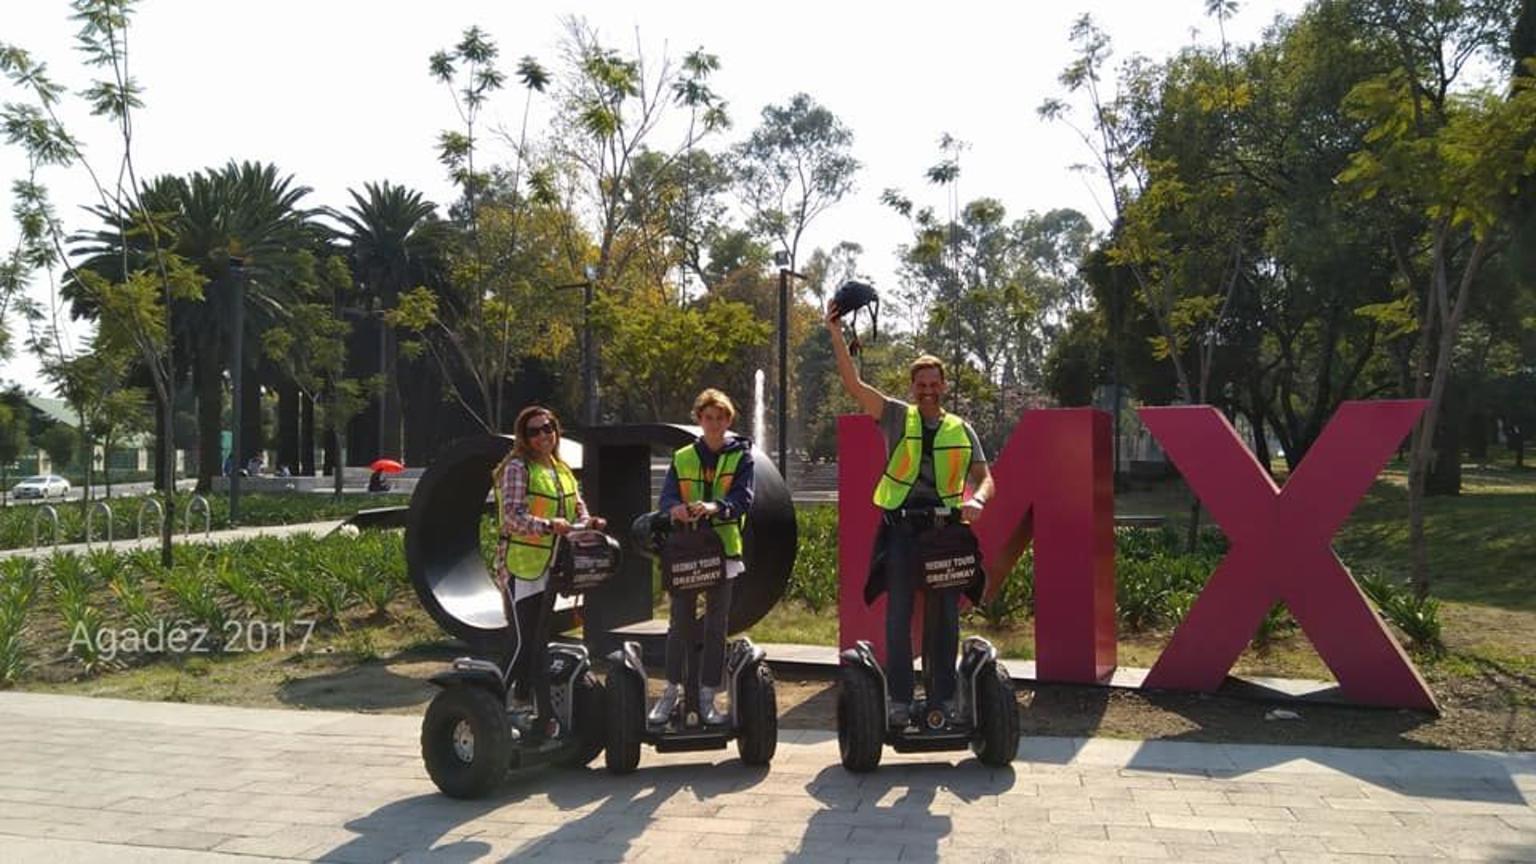 MORE PHOTOS, Mexico City Segway Tour: Chapultepec Park